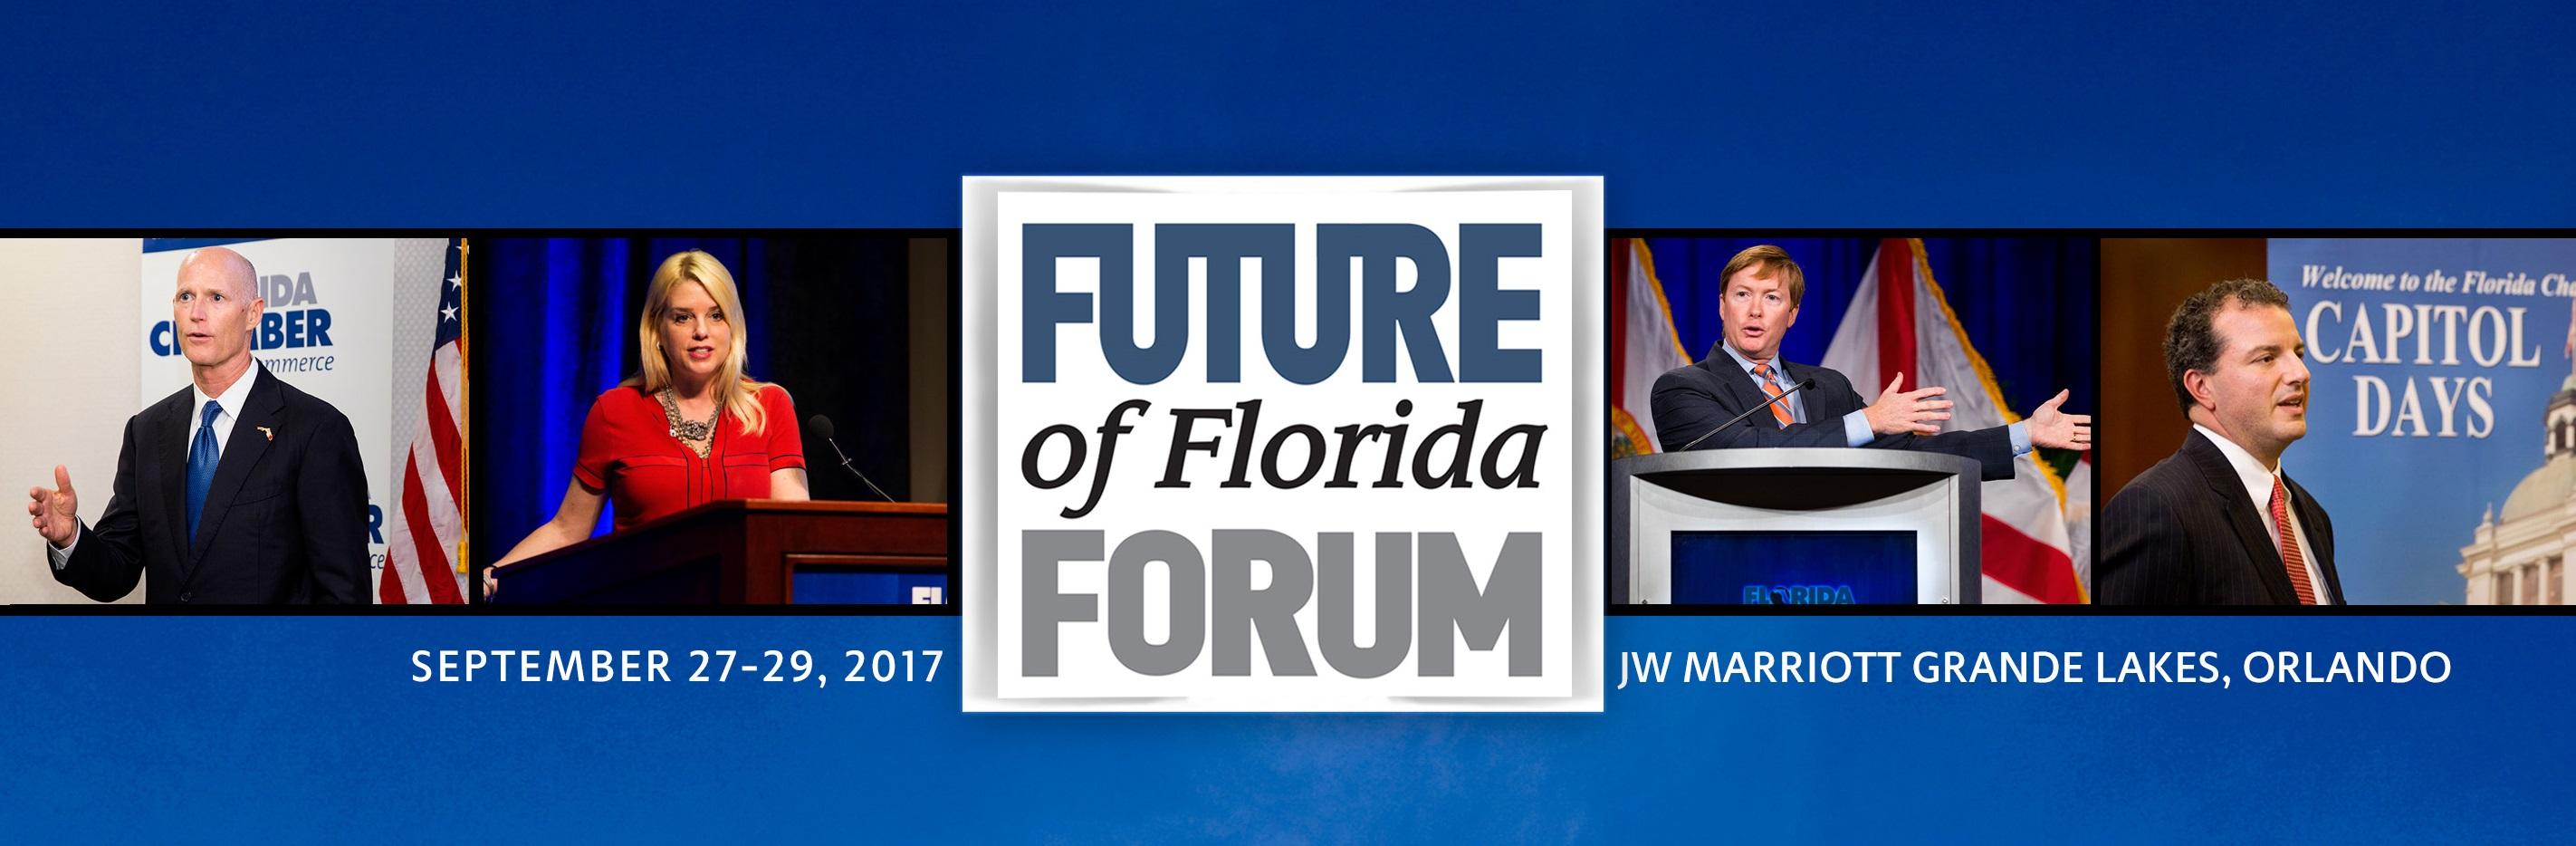 2017 Future of Florida Forum